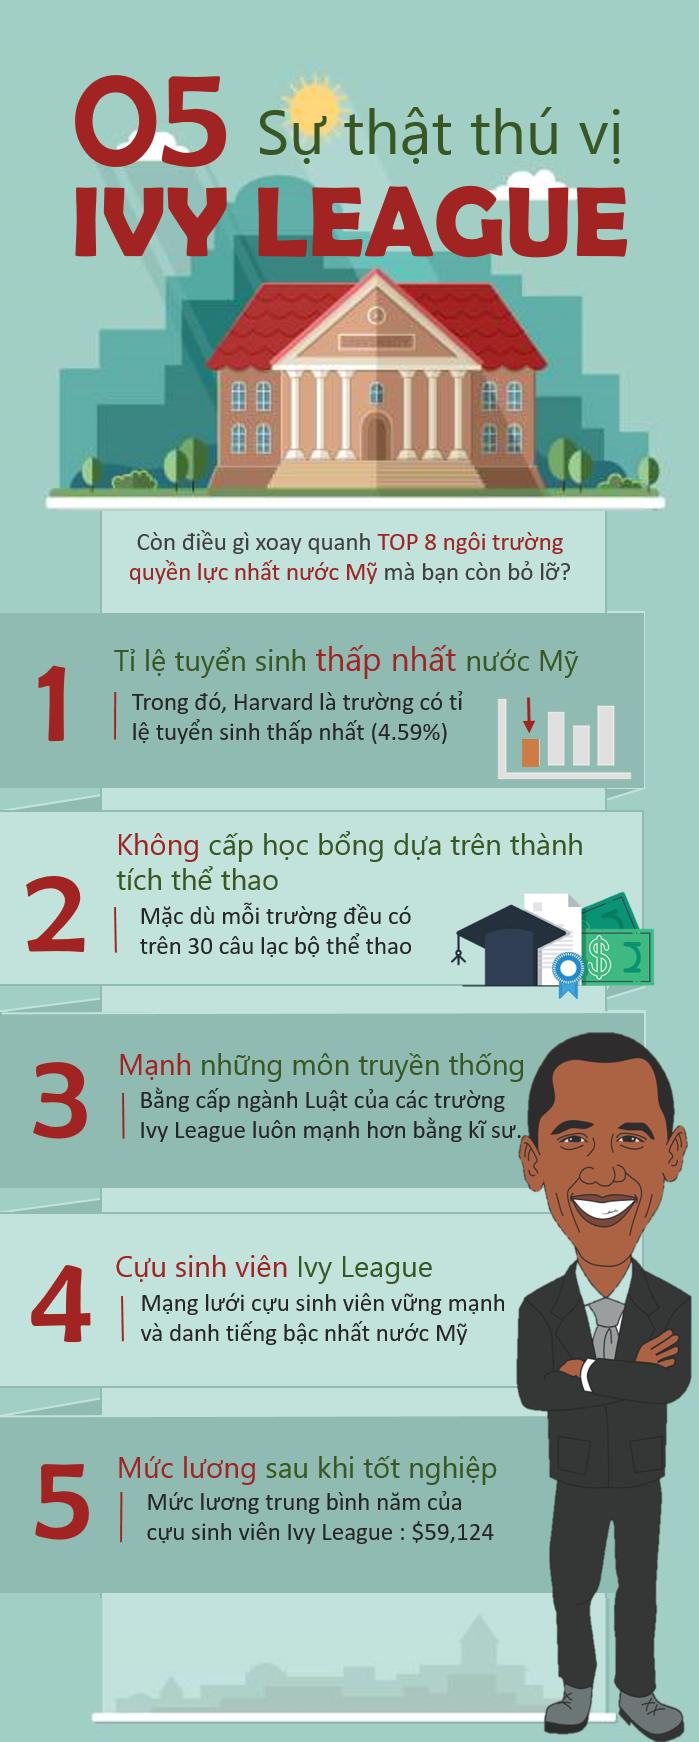 5 sự thật thú vị về Ivy League